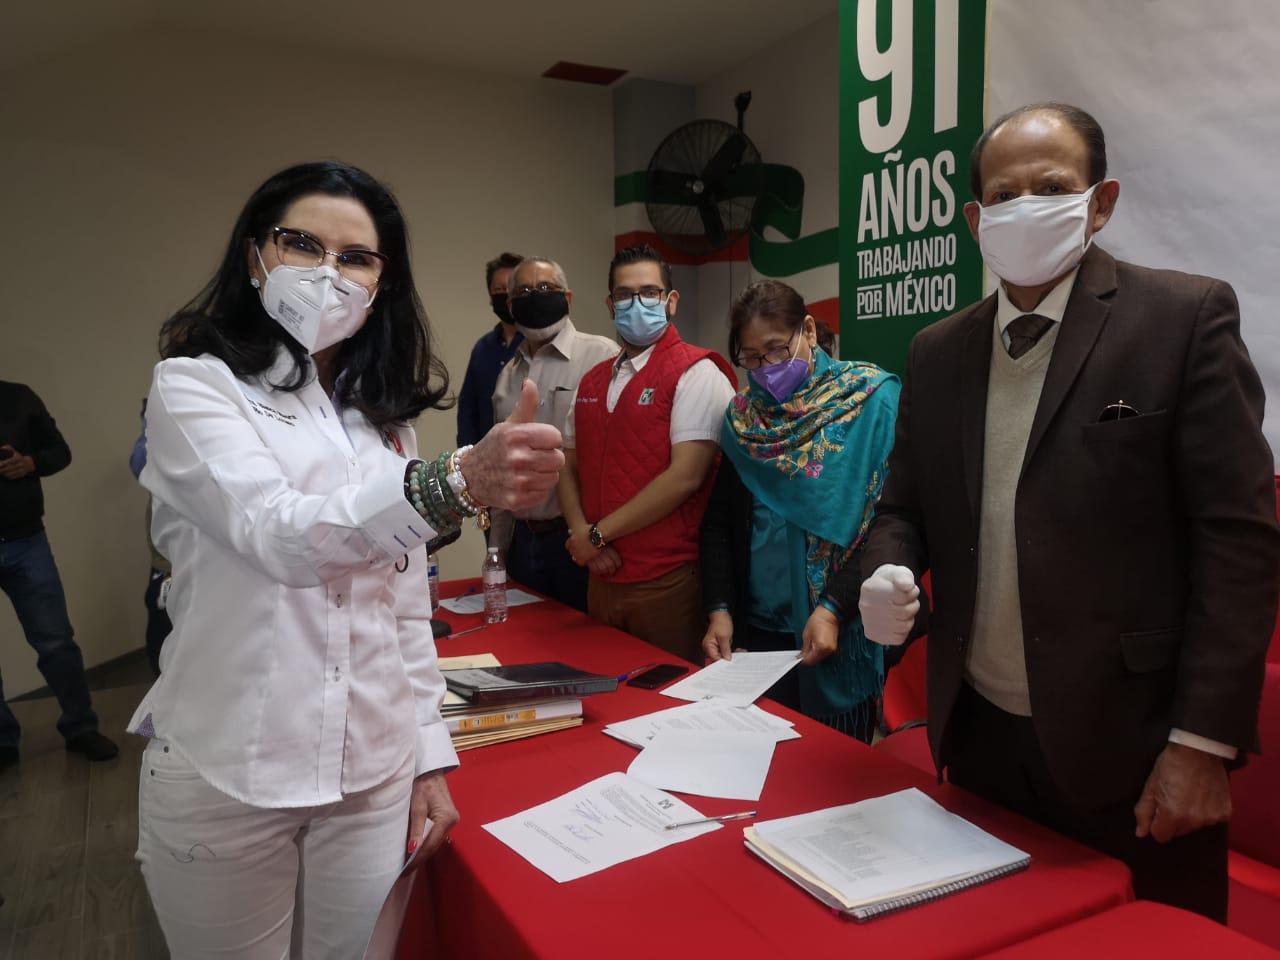 LISTA DE ASPIRANTES A LAS CANDIDATURAS DE LAS 11 PRESIDENCIAS MUNICIPALES DE AGUASCALIENTES